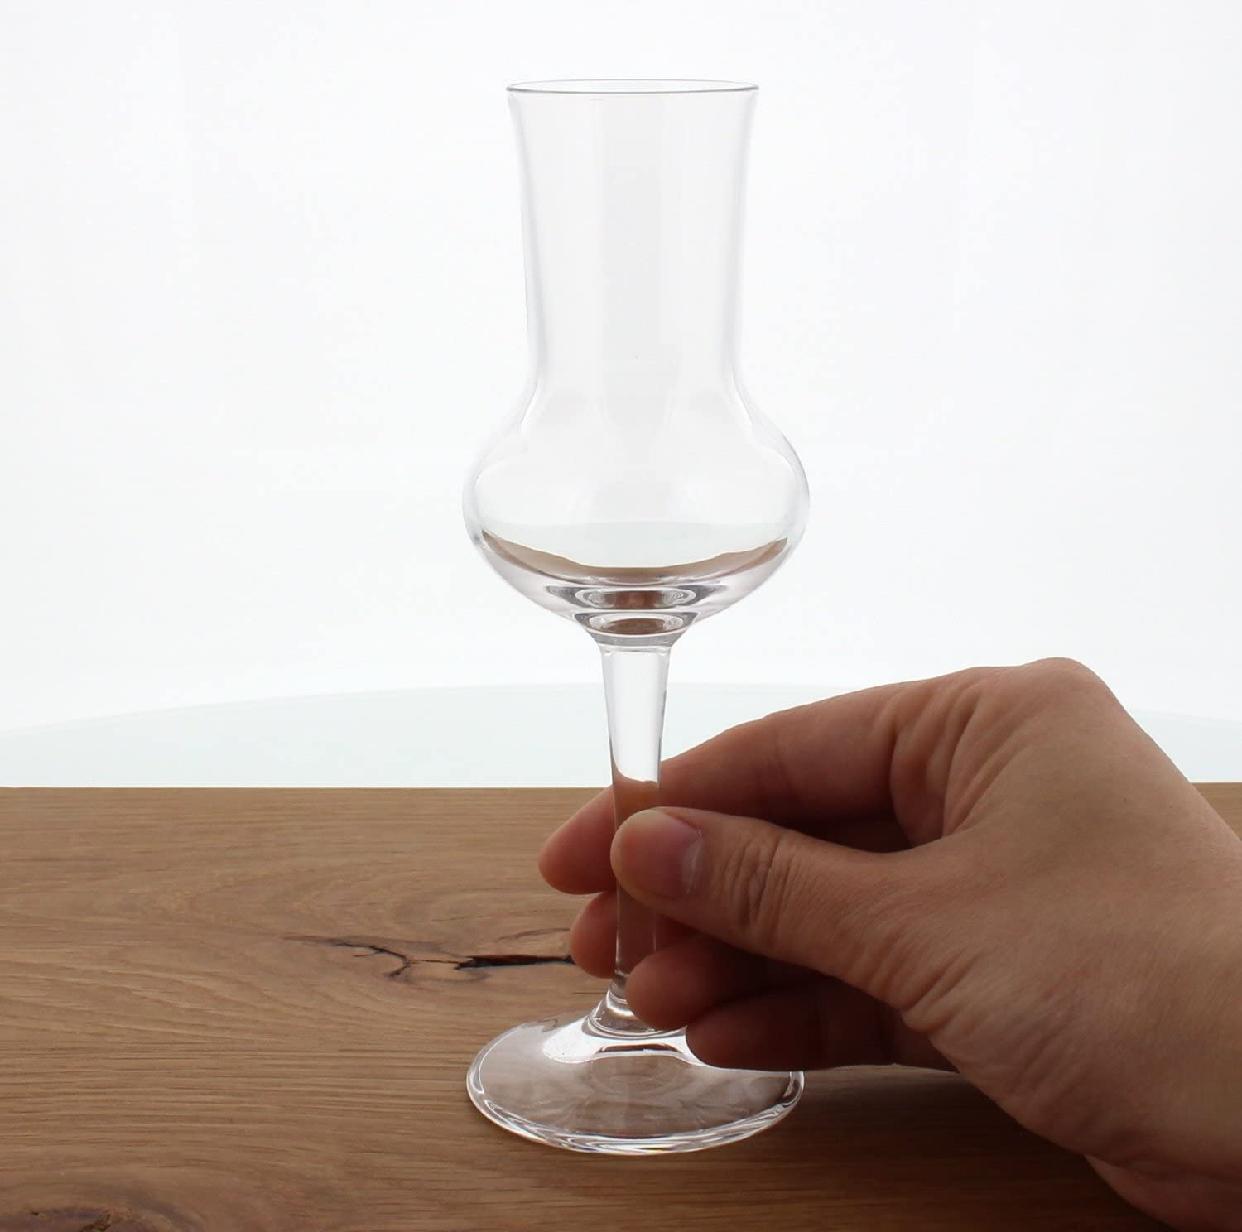 Blancheassocies(ブランシェアソシエ)リゼルバ グラッパ ワイングラス 80mlの商品画像4